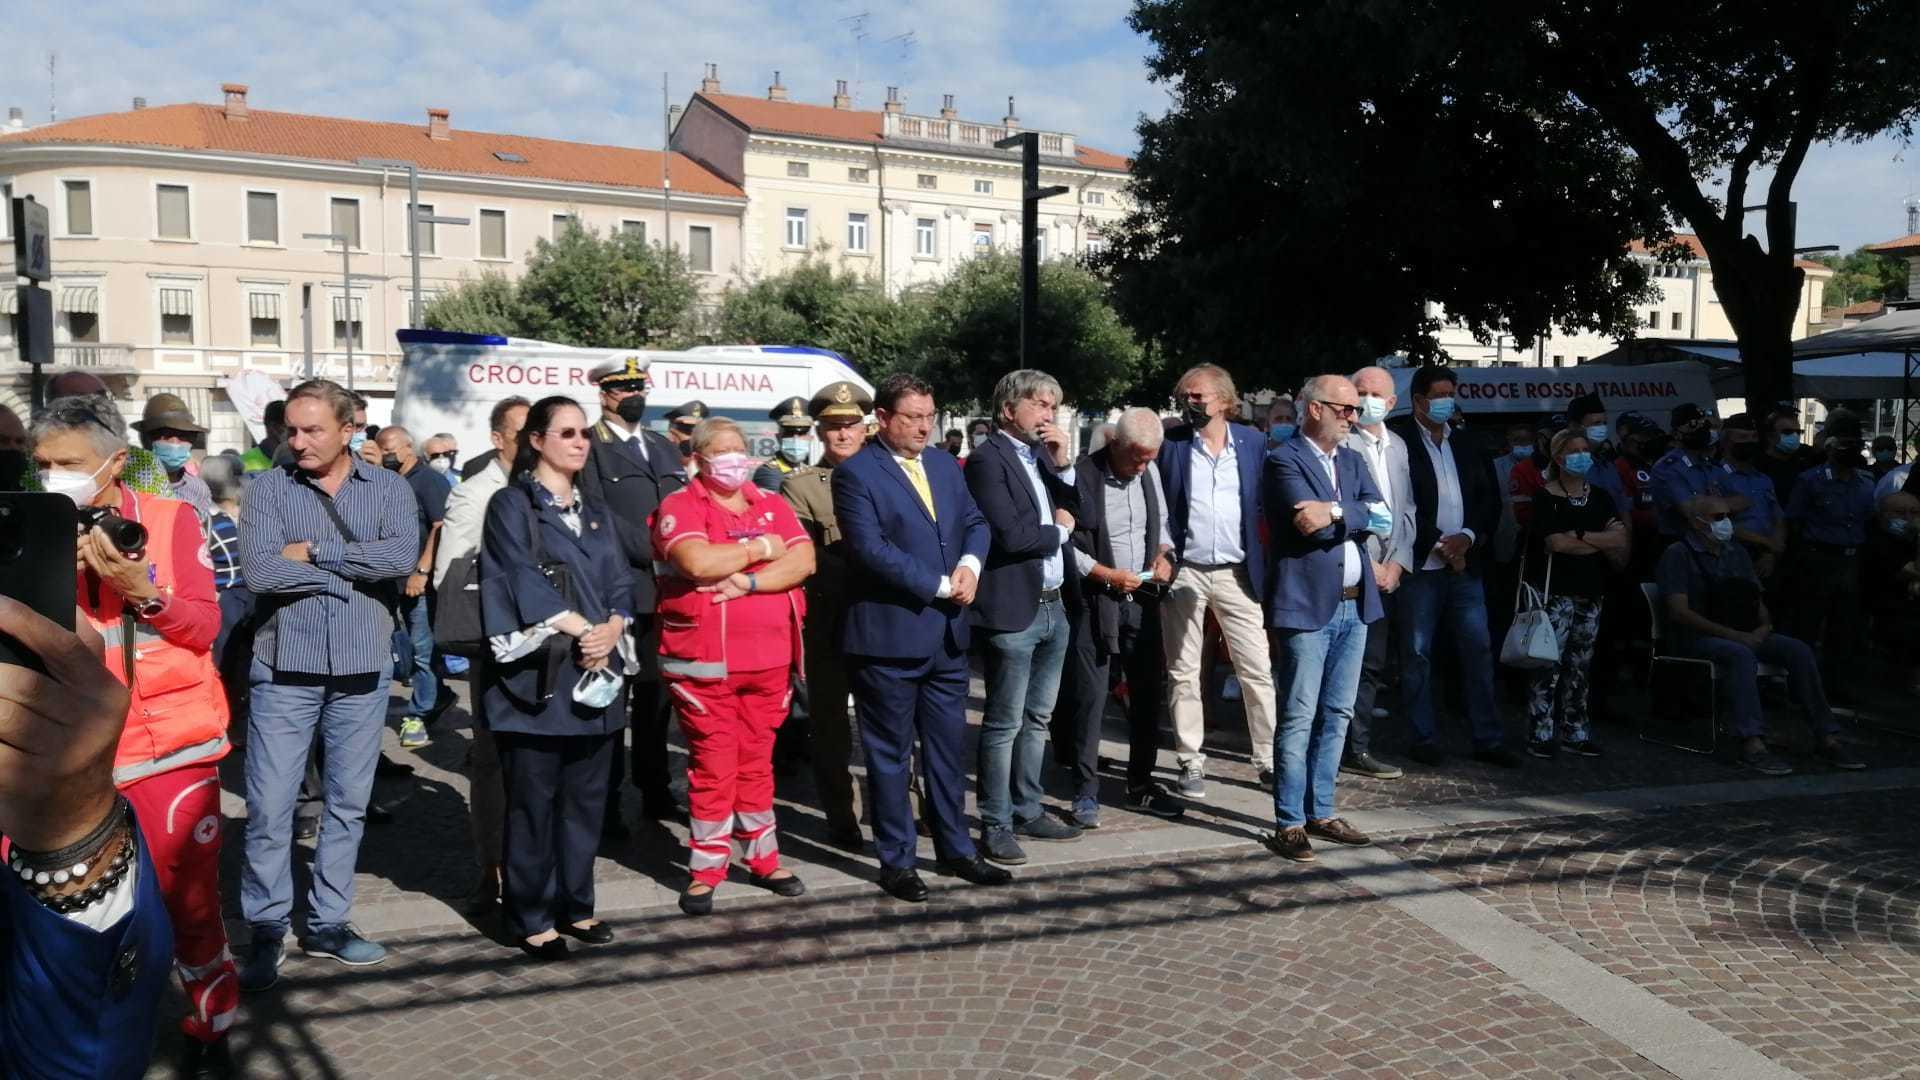 Le autorità intervenute alla cerimonia (ph. L. Nonis)